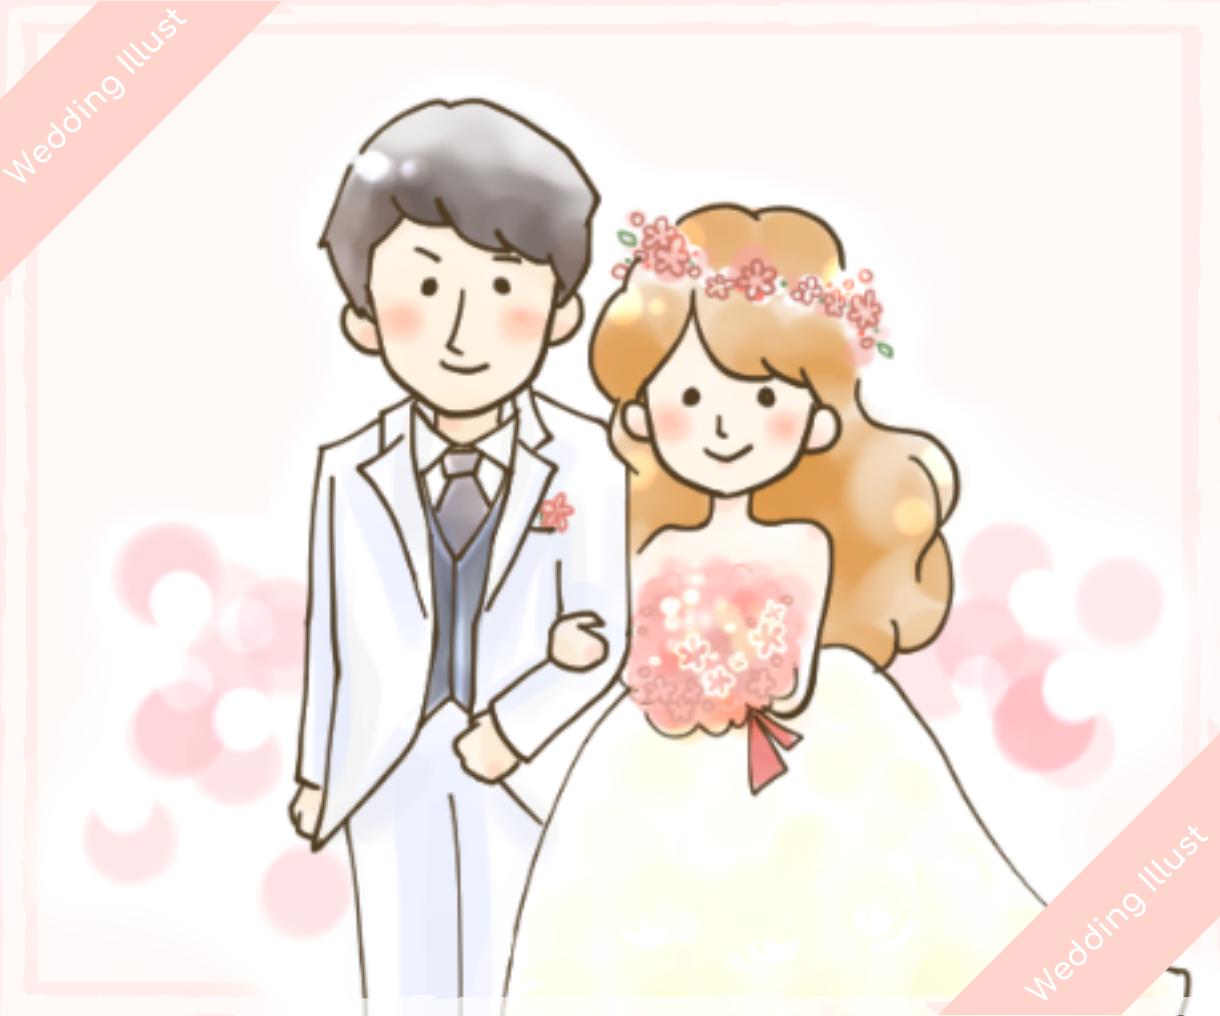 ほんわか可愛い新郎新婦のイラストを描きます 招待状・ウェディングアイテムを二人の似顔絵でほんわか可愛く